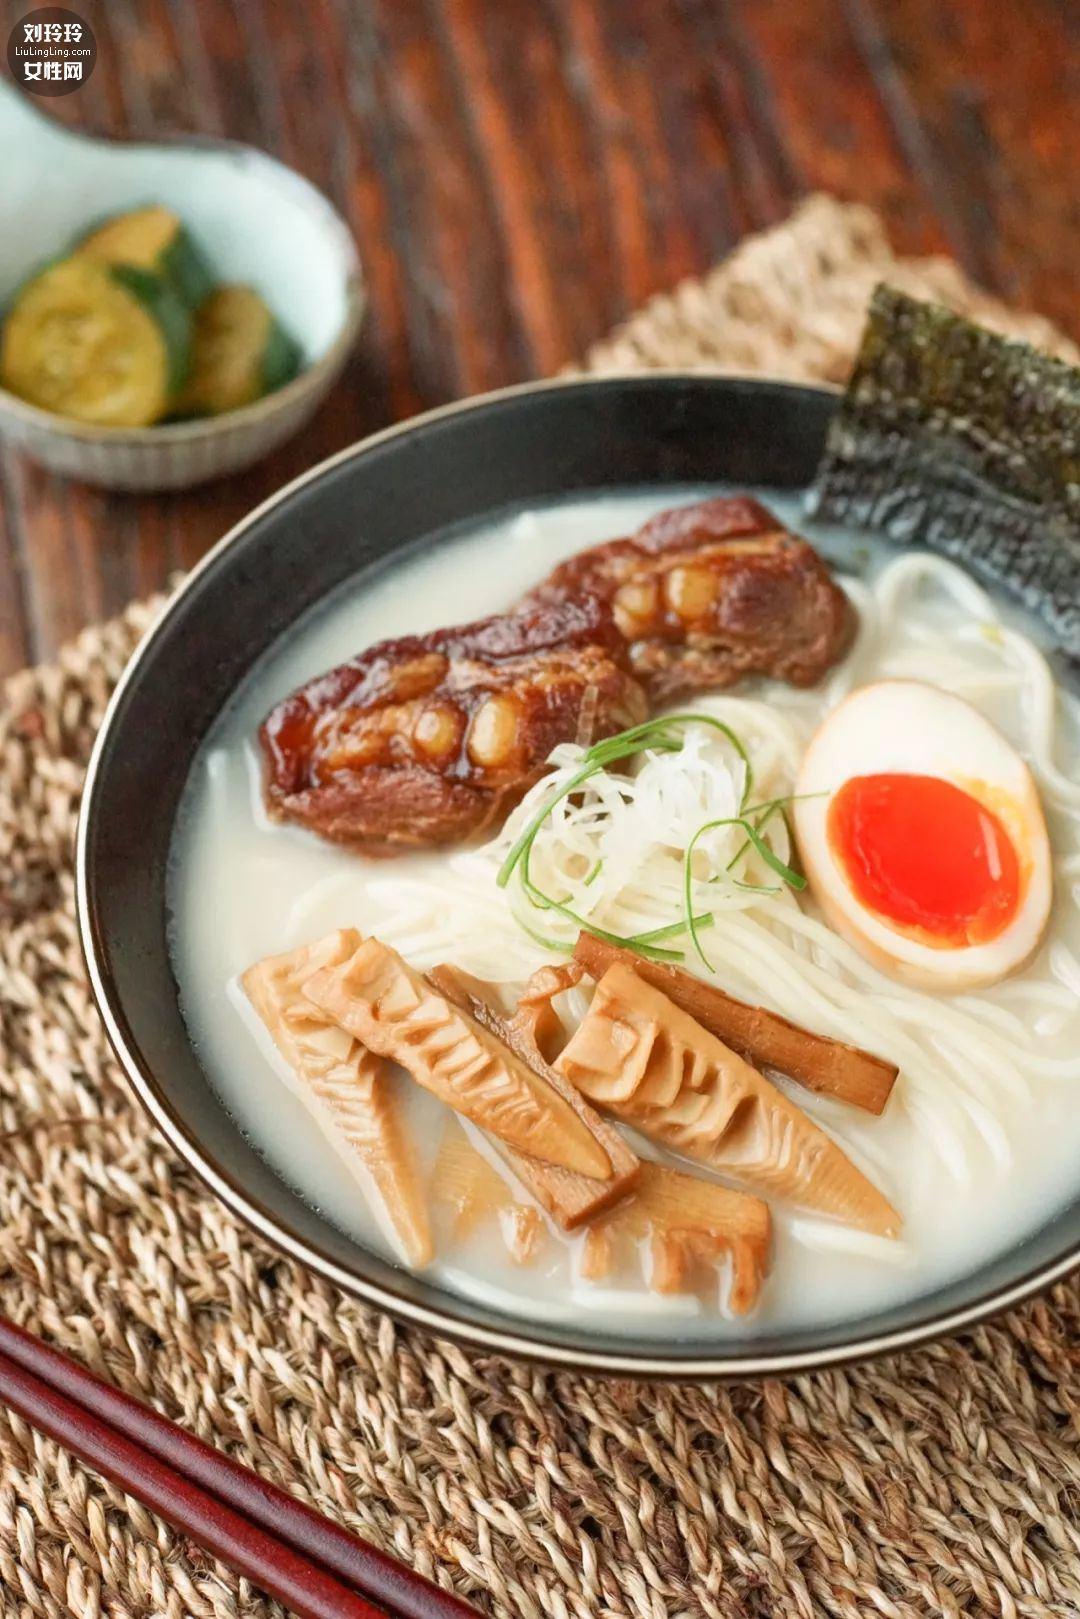 日式豚骨拉面的做法,豚骨拉面是什么肉呢?11